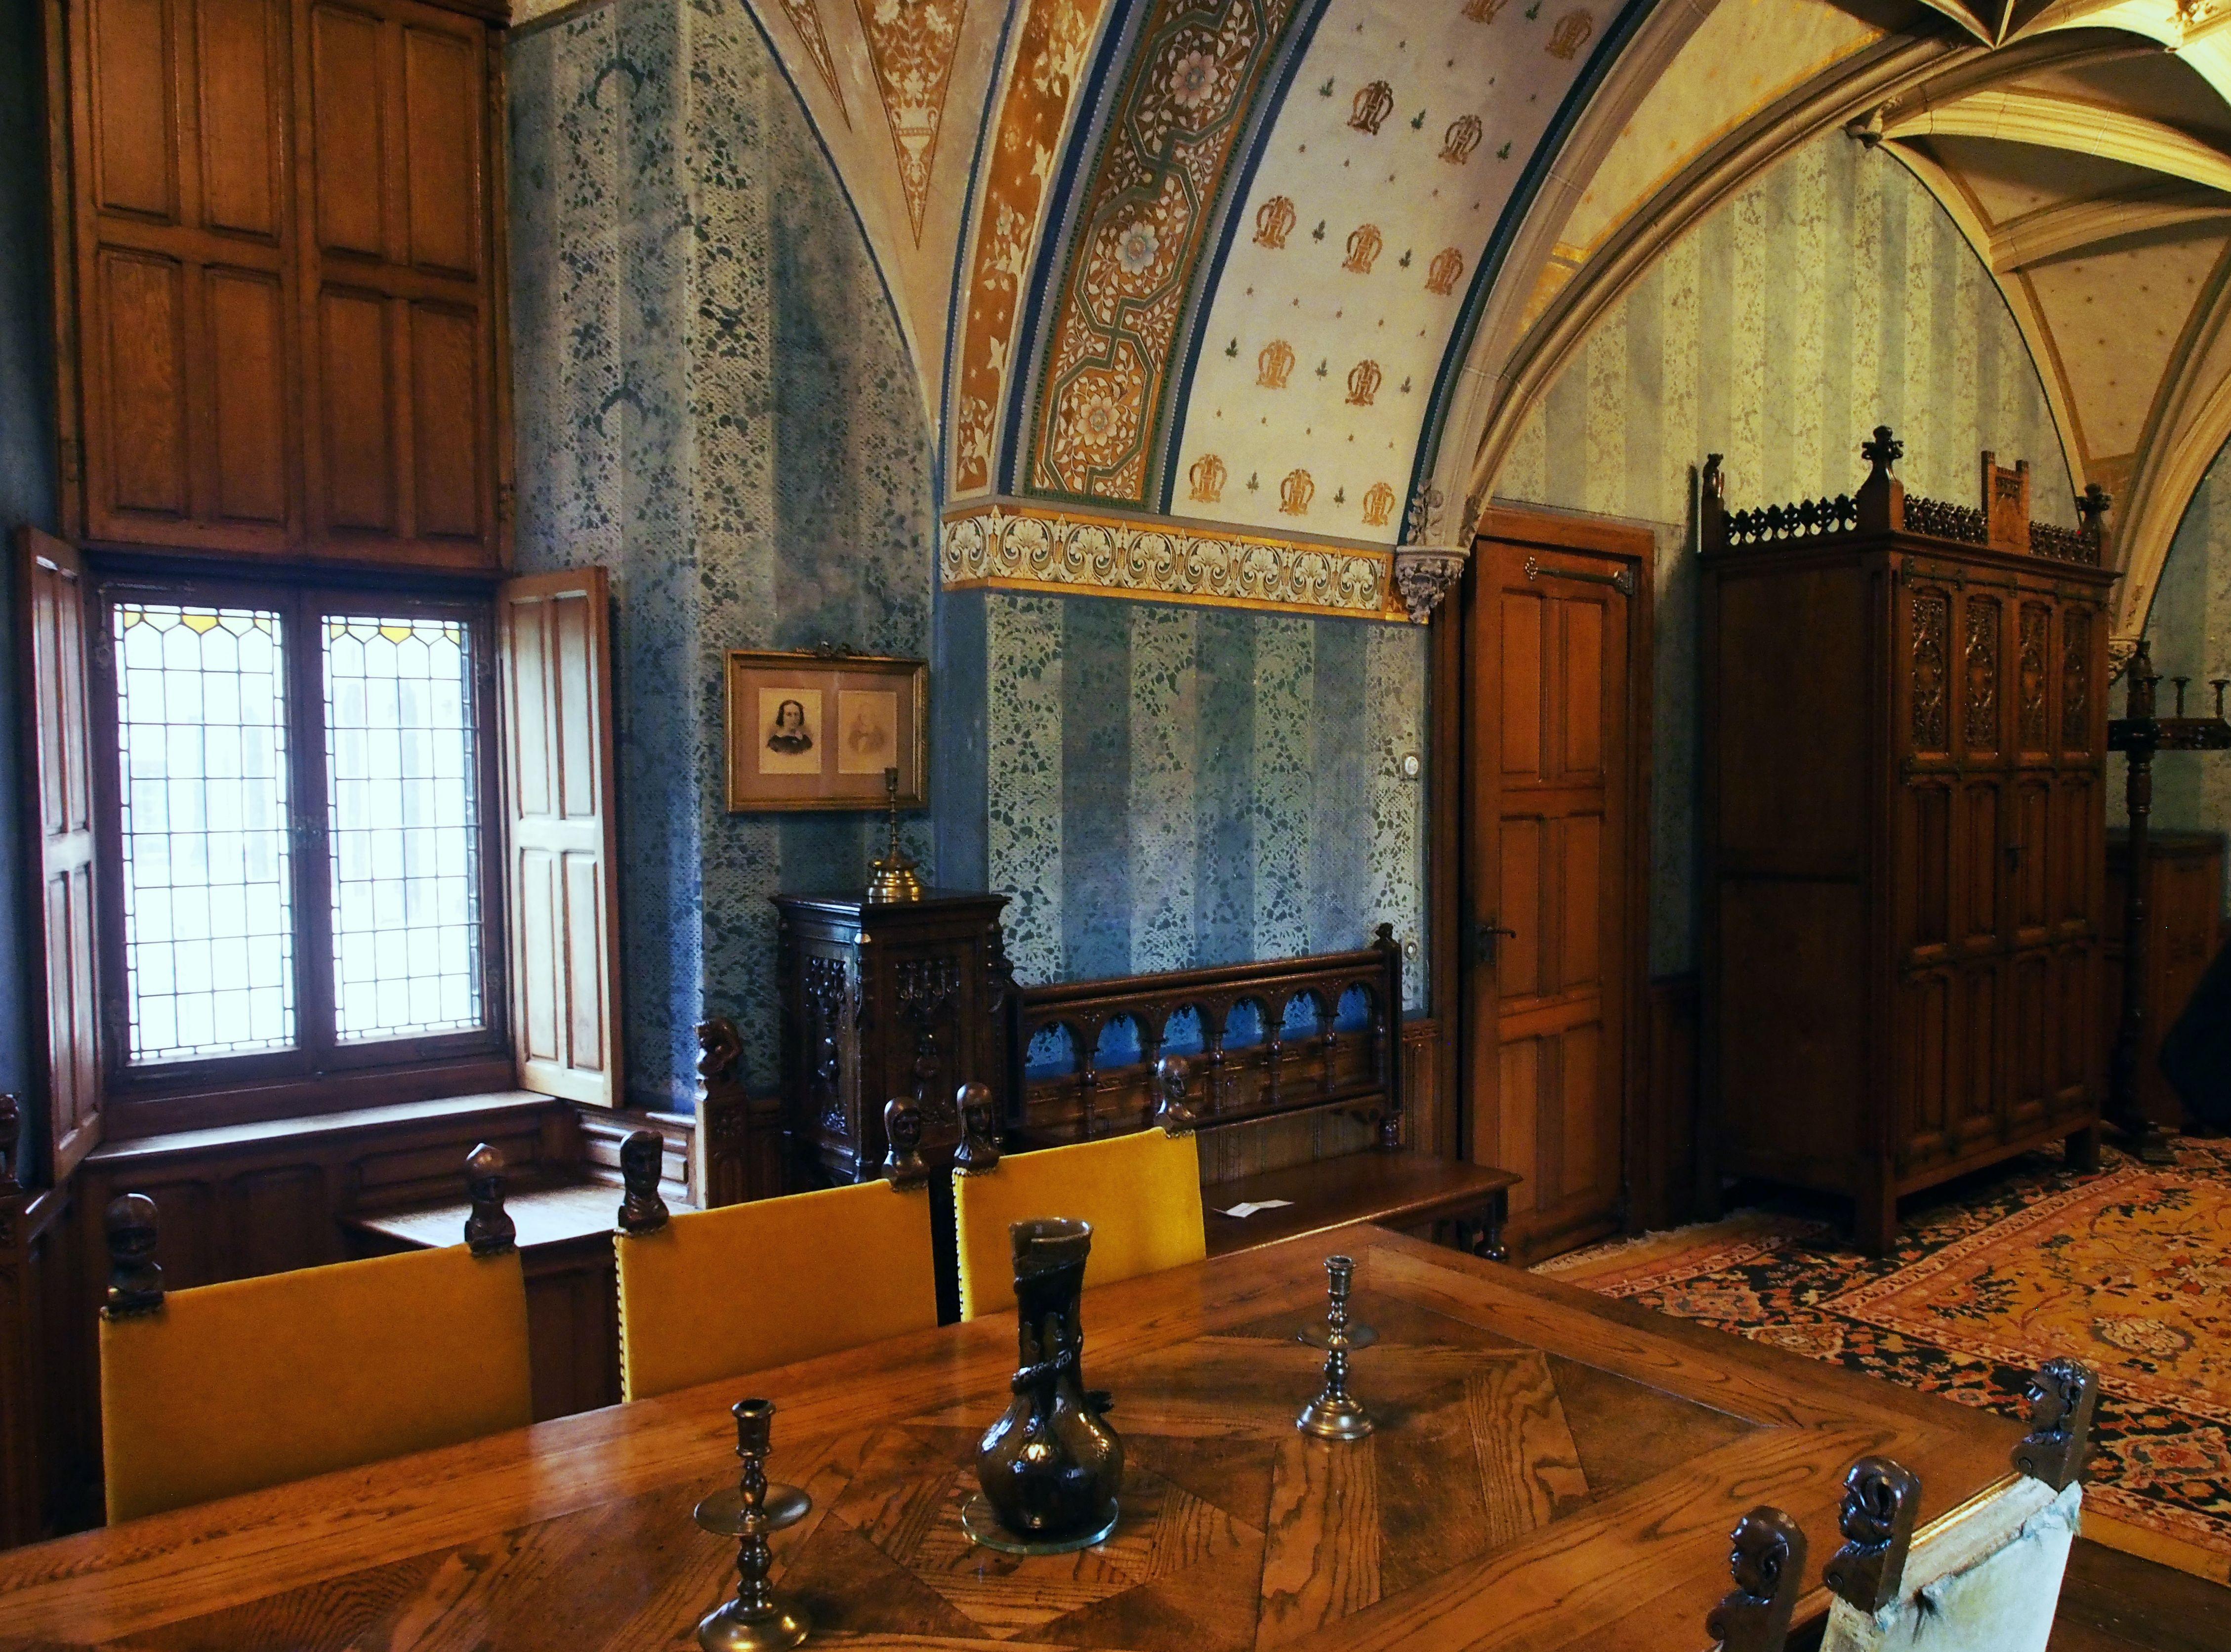 Kasteel de haar interieur utrecht castles mansions in for Interieur utrecht